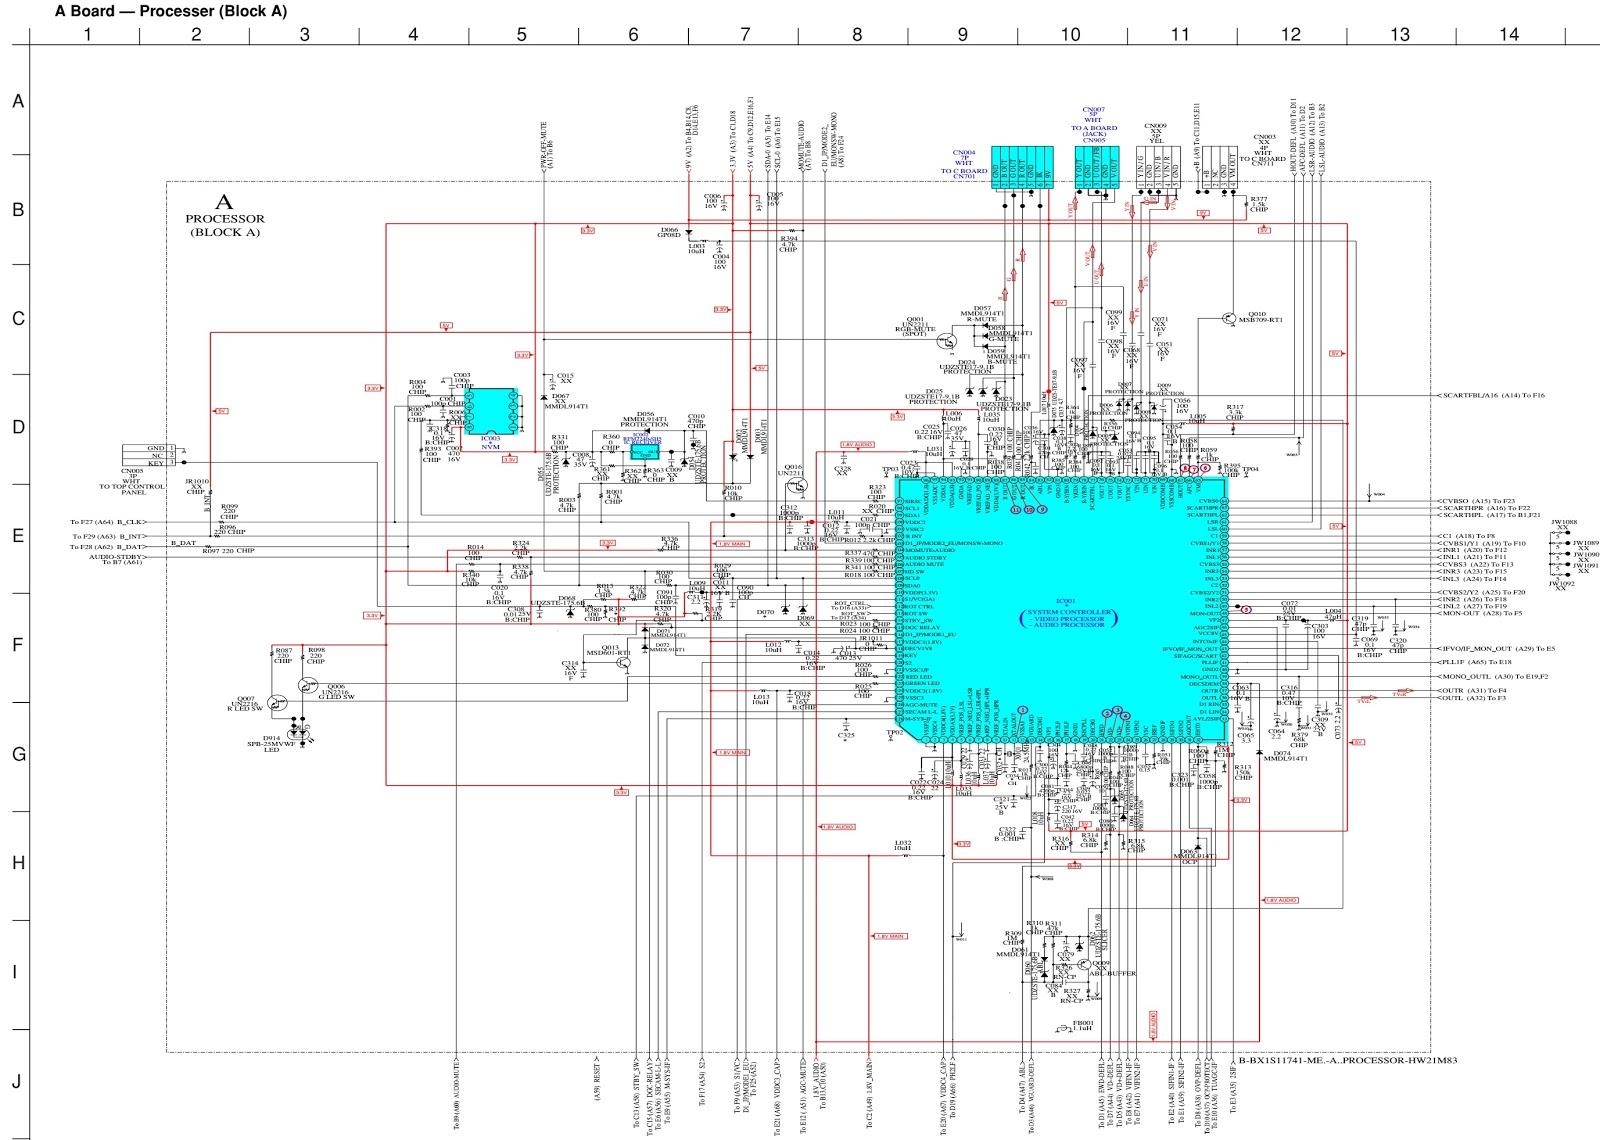 kv hw21m50 sony trinitron crt tv circuit diagram electro help audio block [ 1600 x 1140 Pixel ]